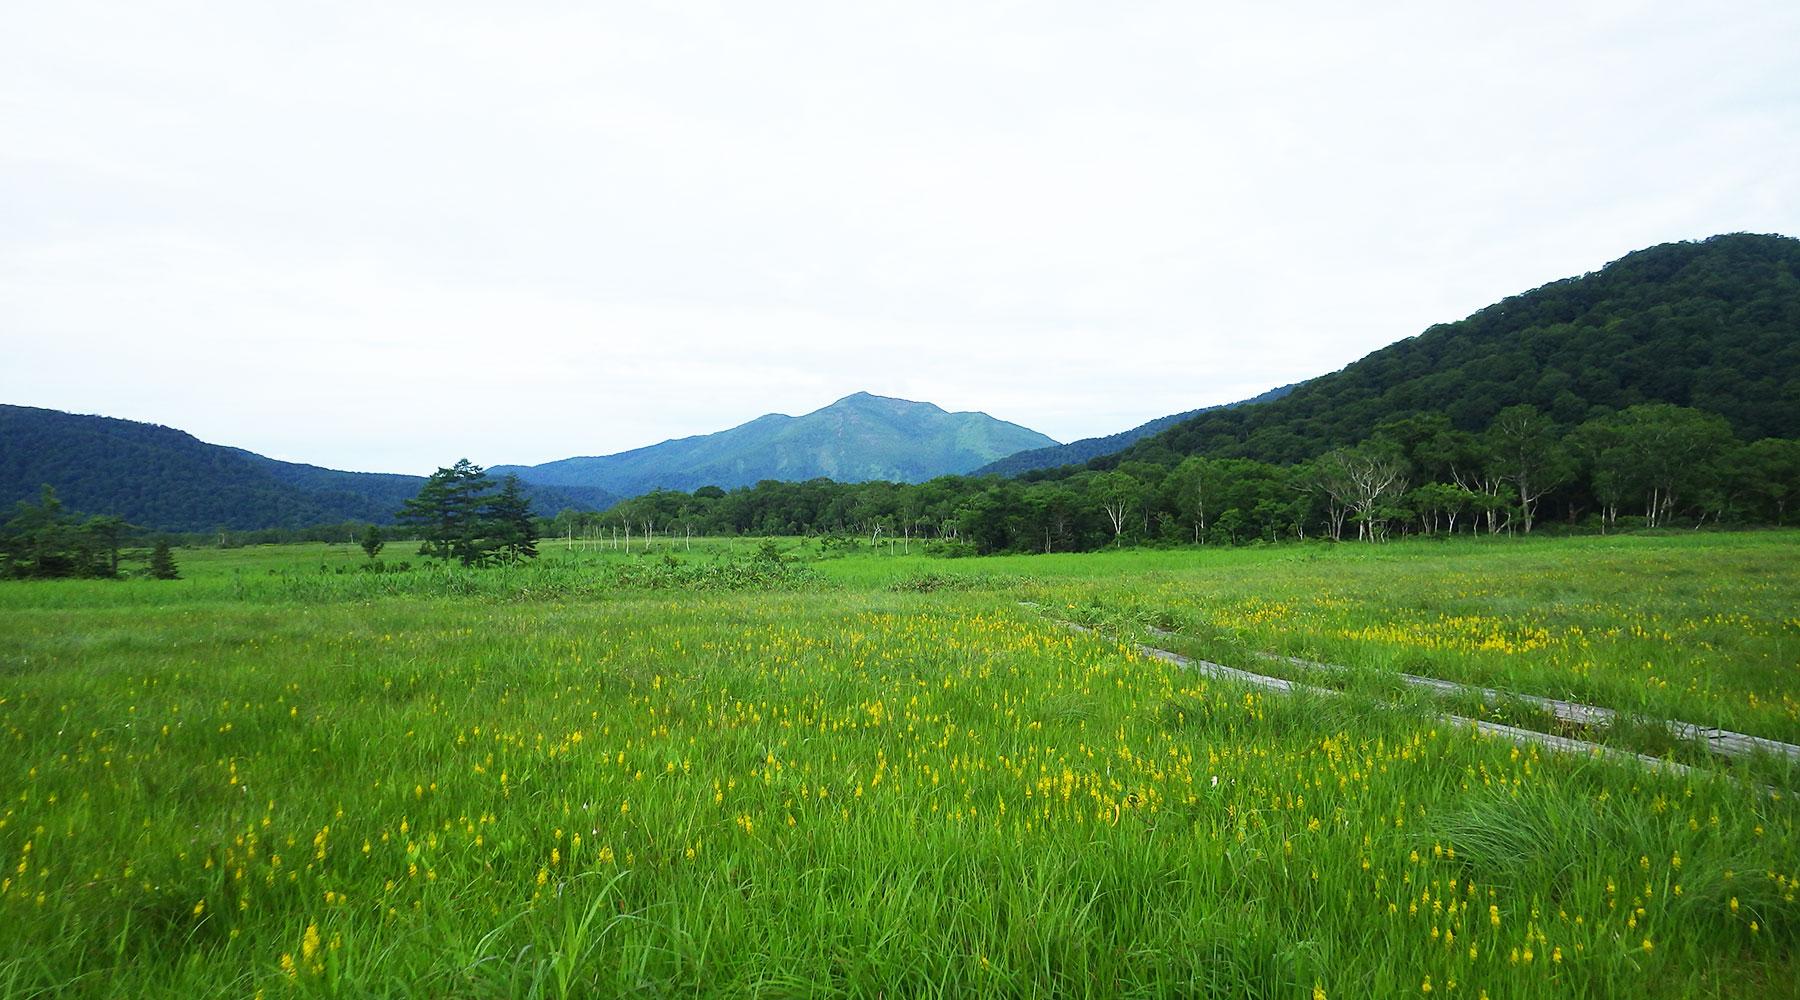 尾瀬ヶ原の向こうに見える至仏山